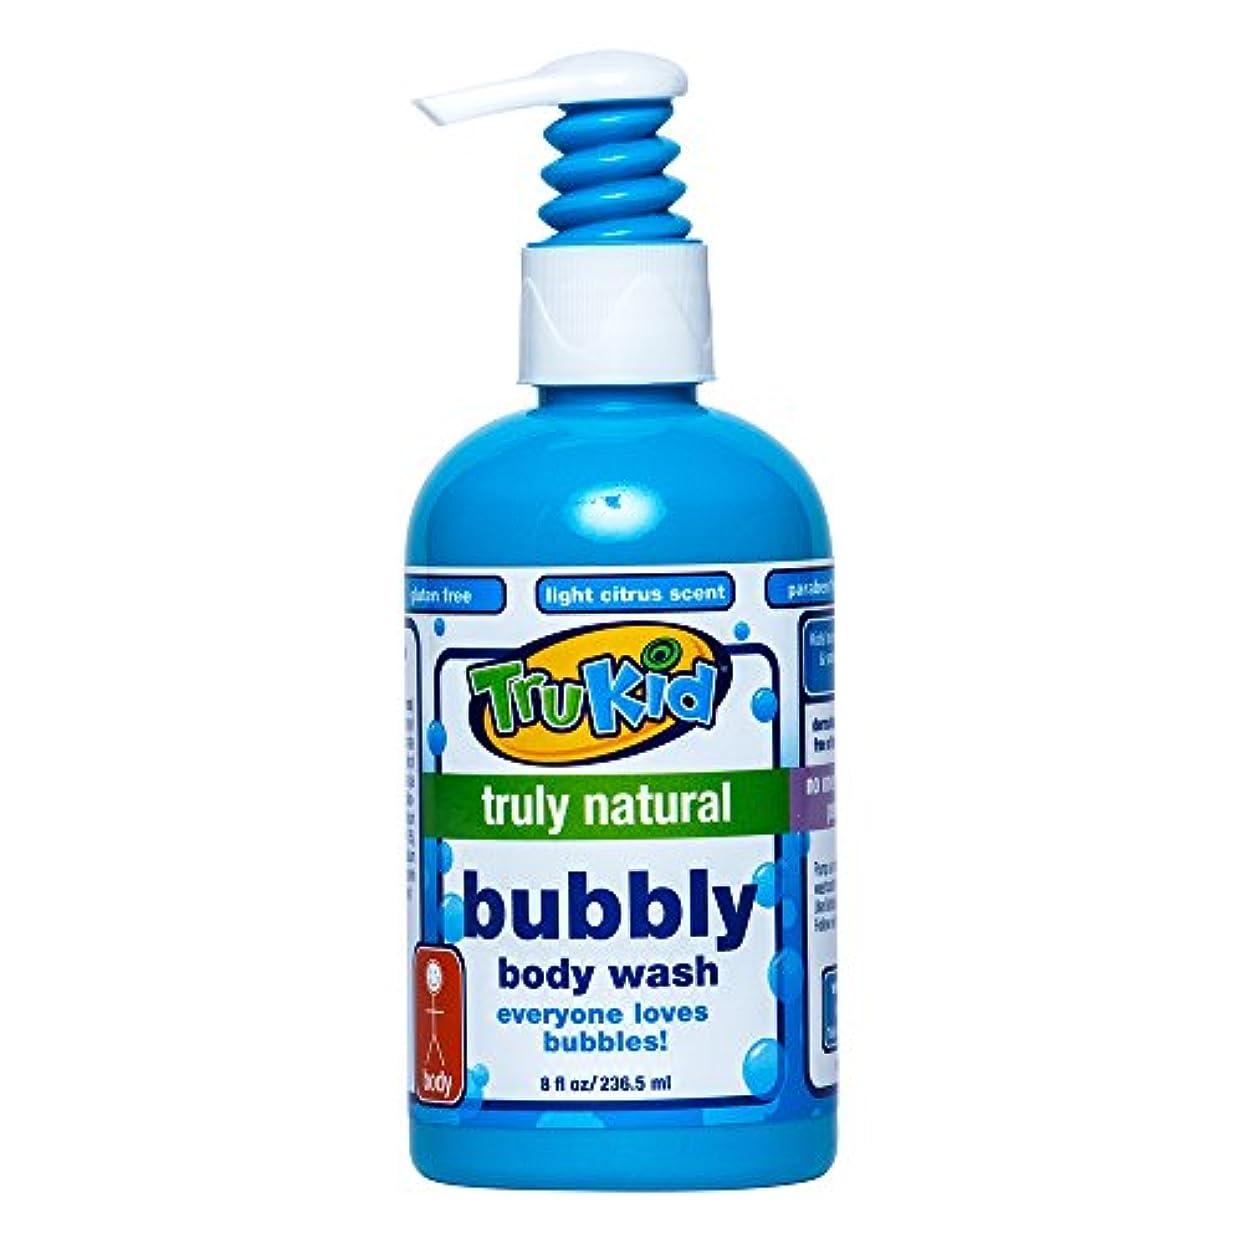 パッド膨らみプライムTruKid, Bubbly Body Wash, 8 fl oz (236.5 ml)